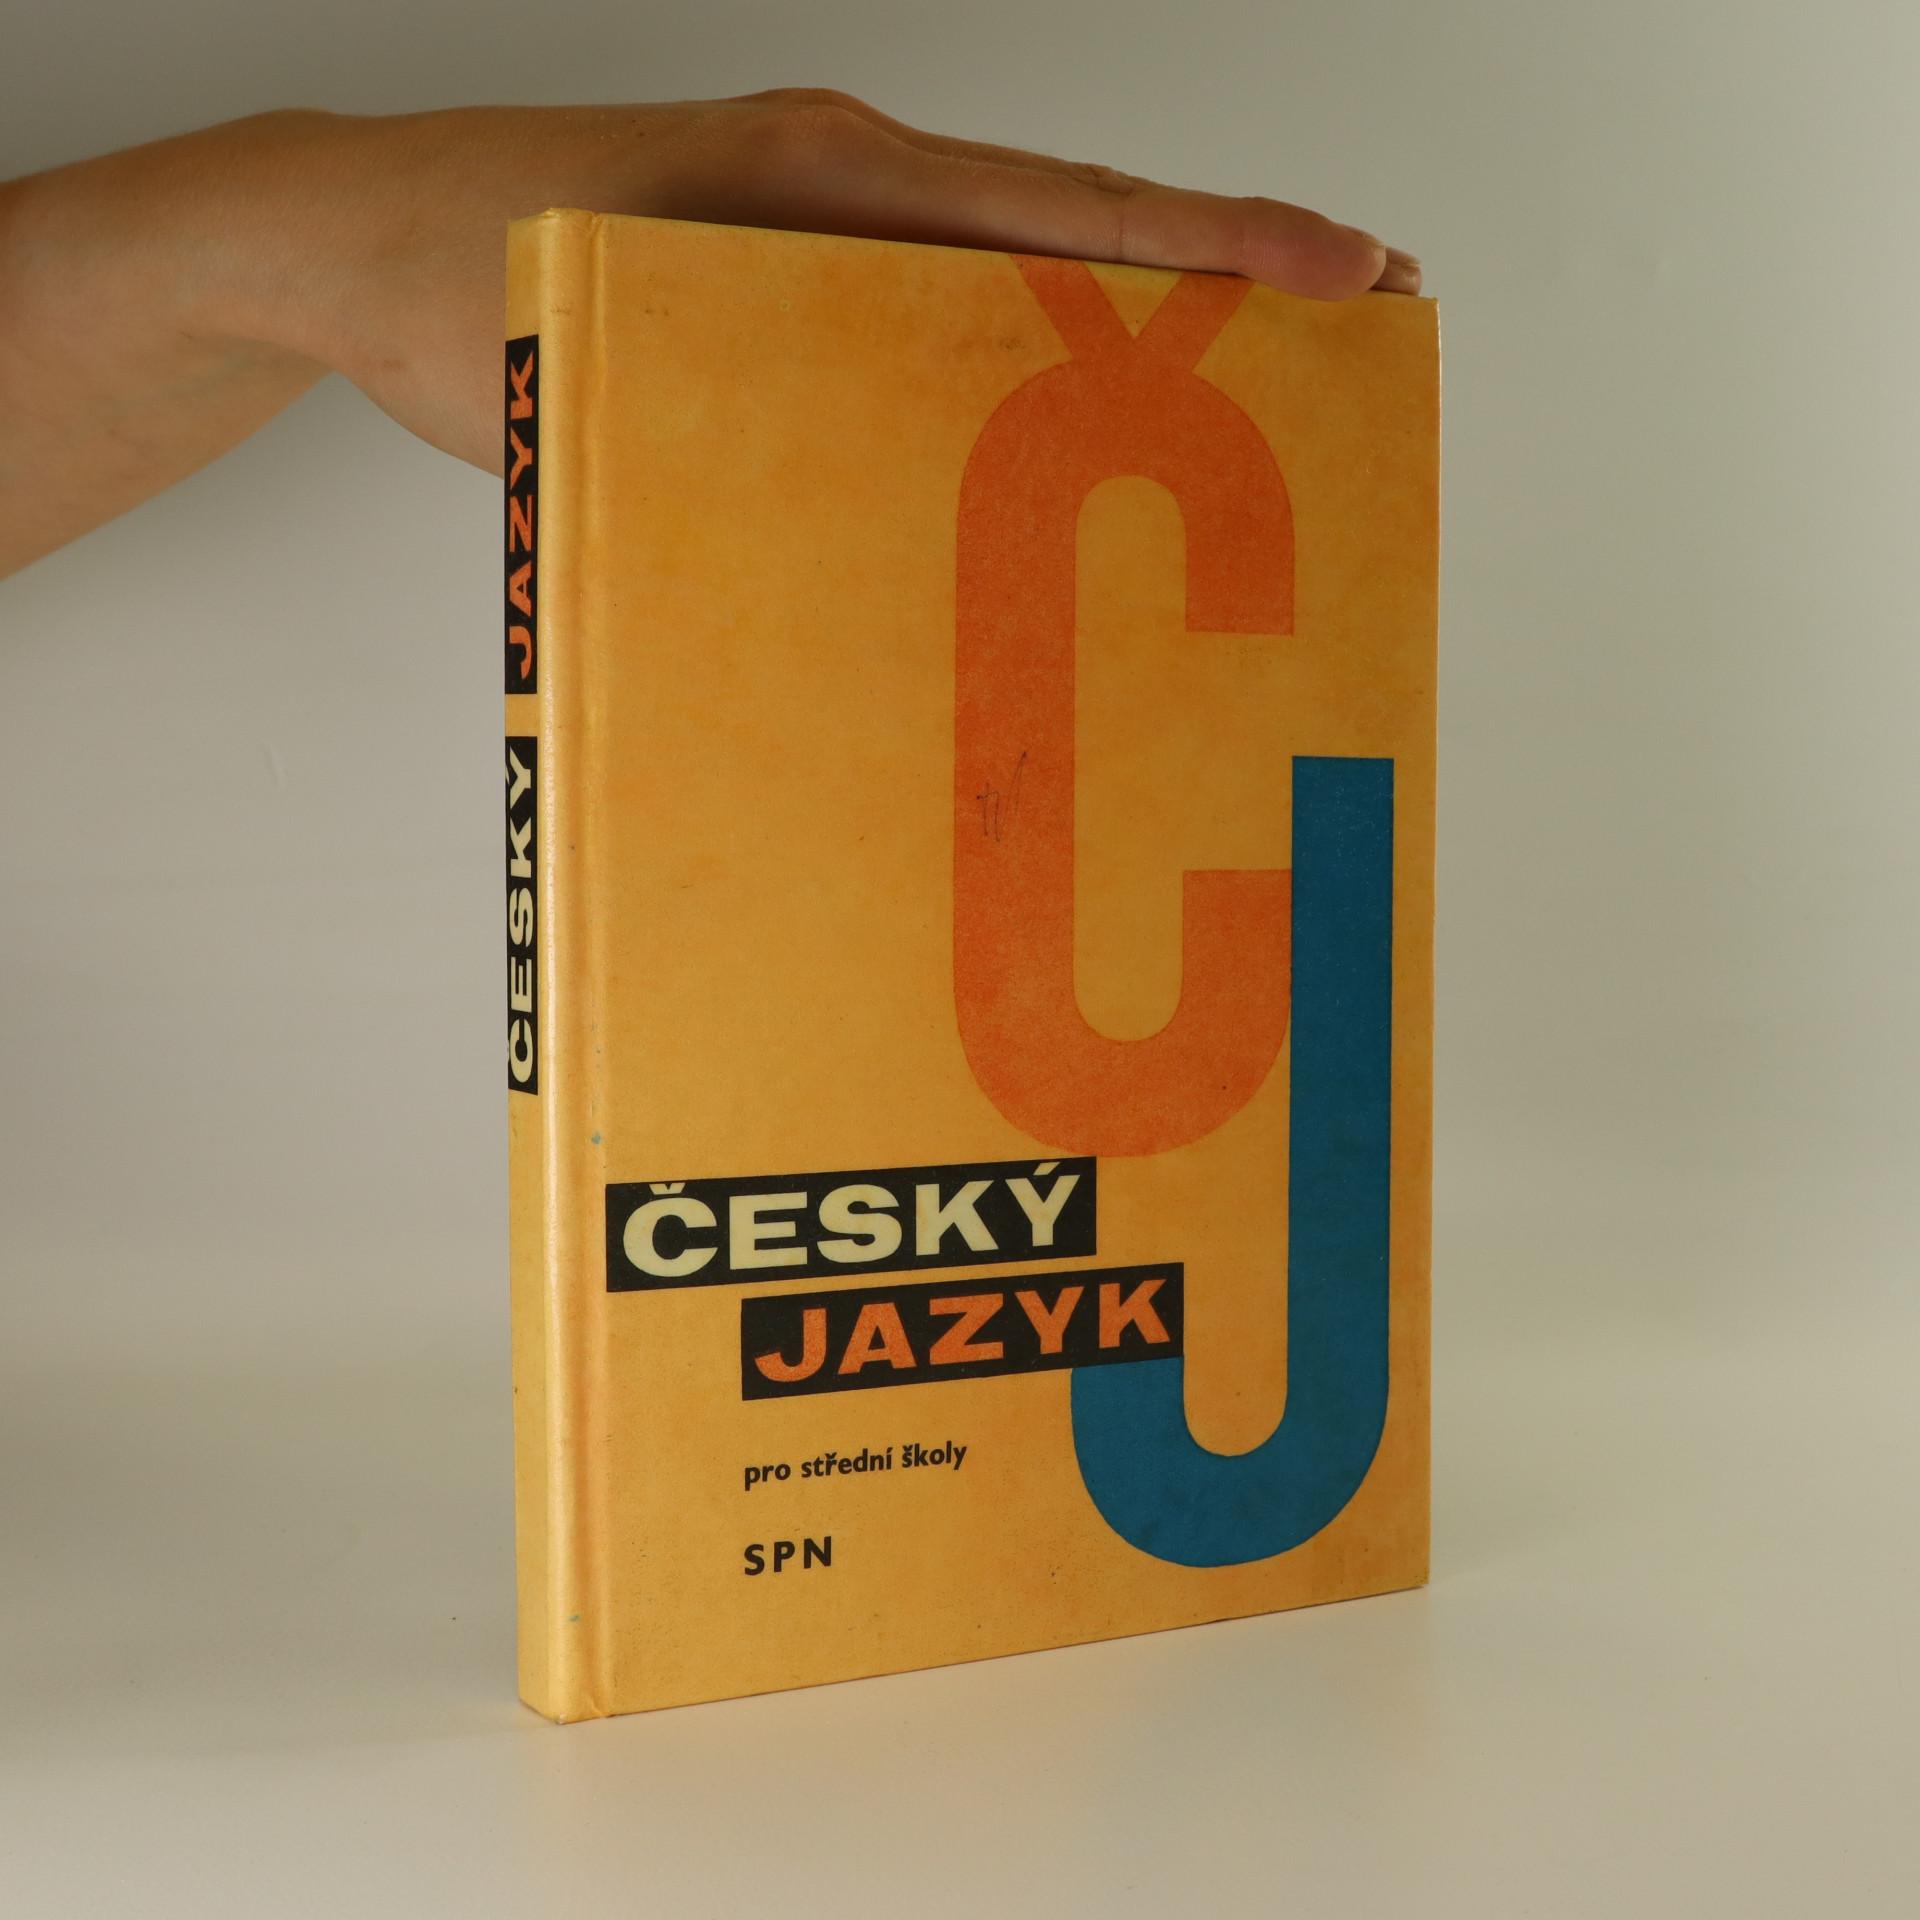 antikvární kniha Český jazyk pro střední školy, 1979